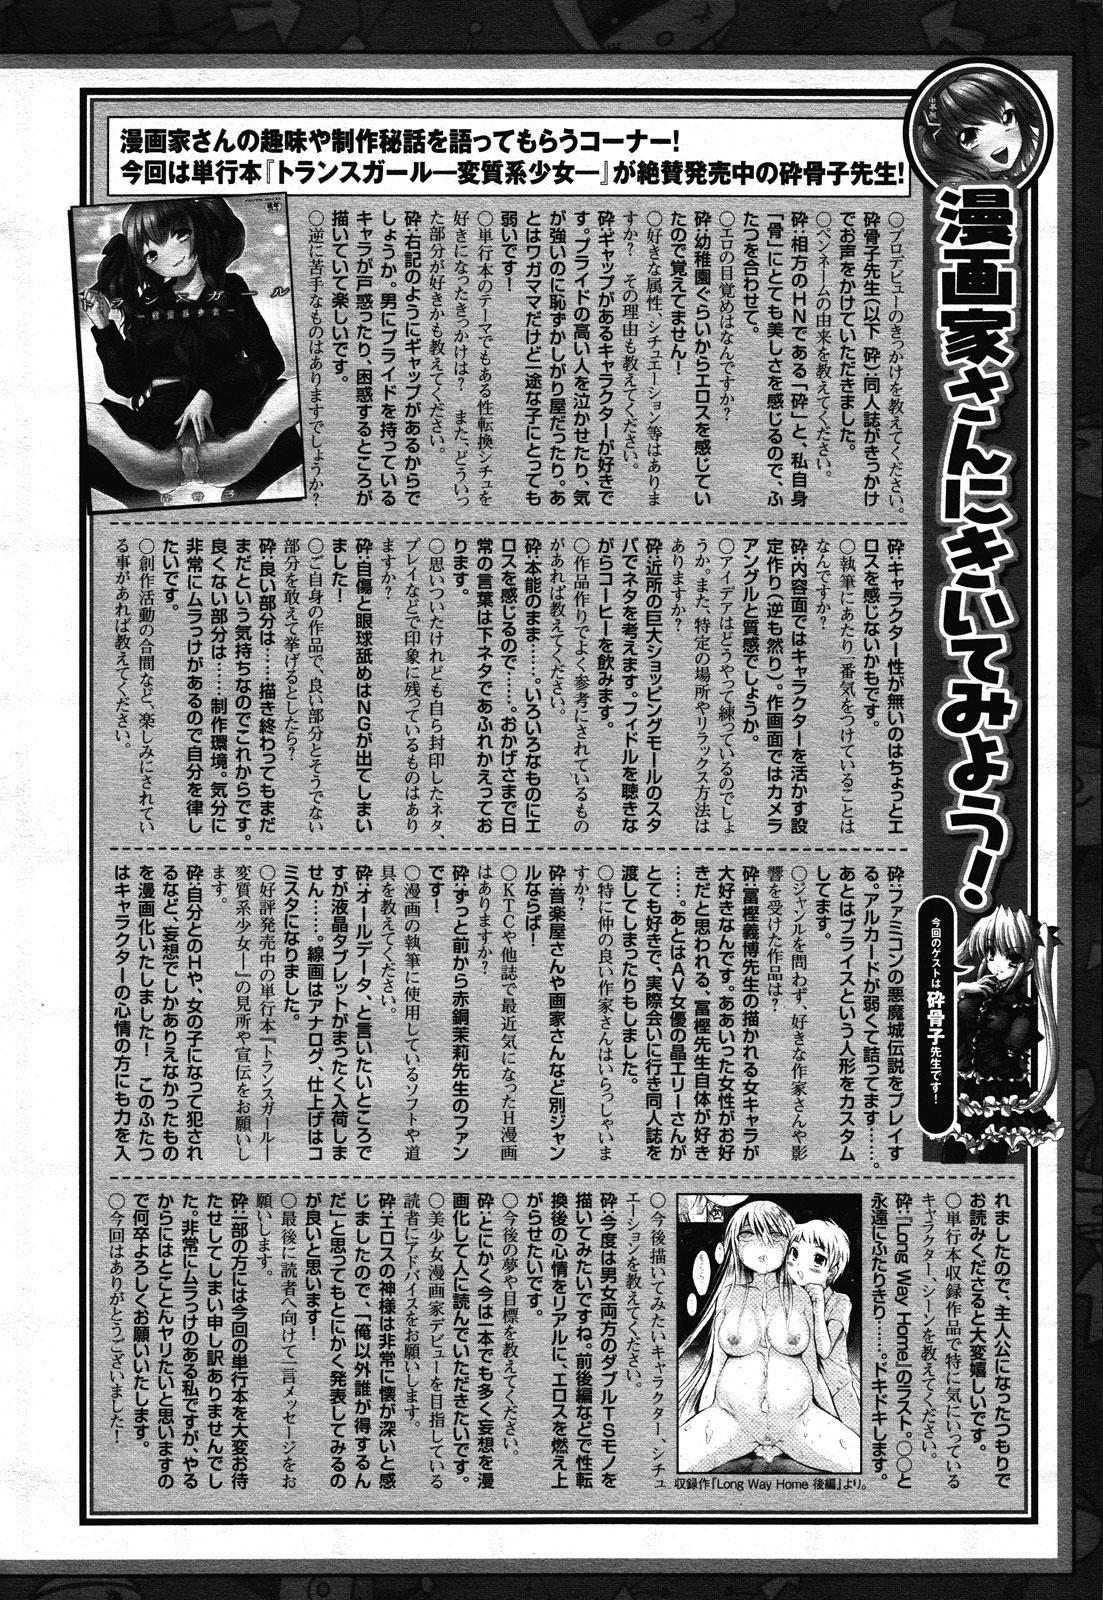 COMIC Unreal 2011-02 Vol. 29 + Mogudan Calendar 2011 449